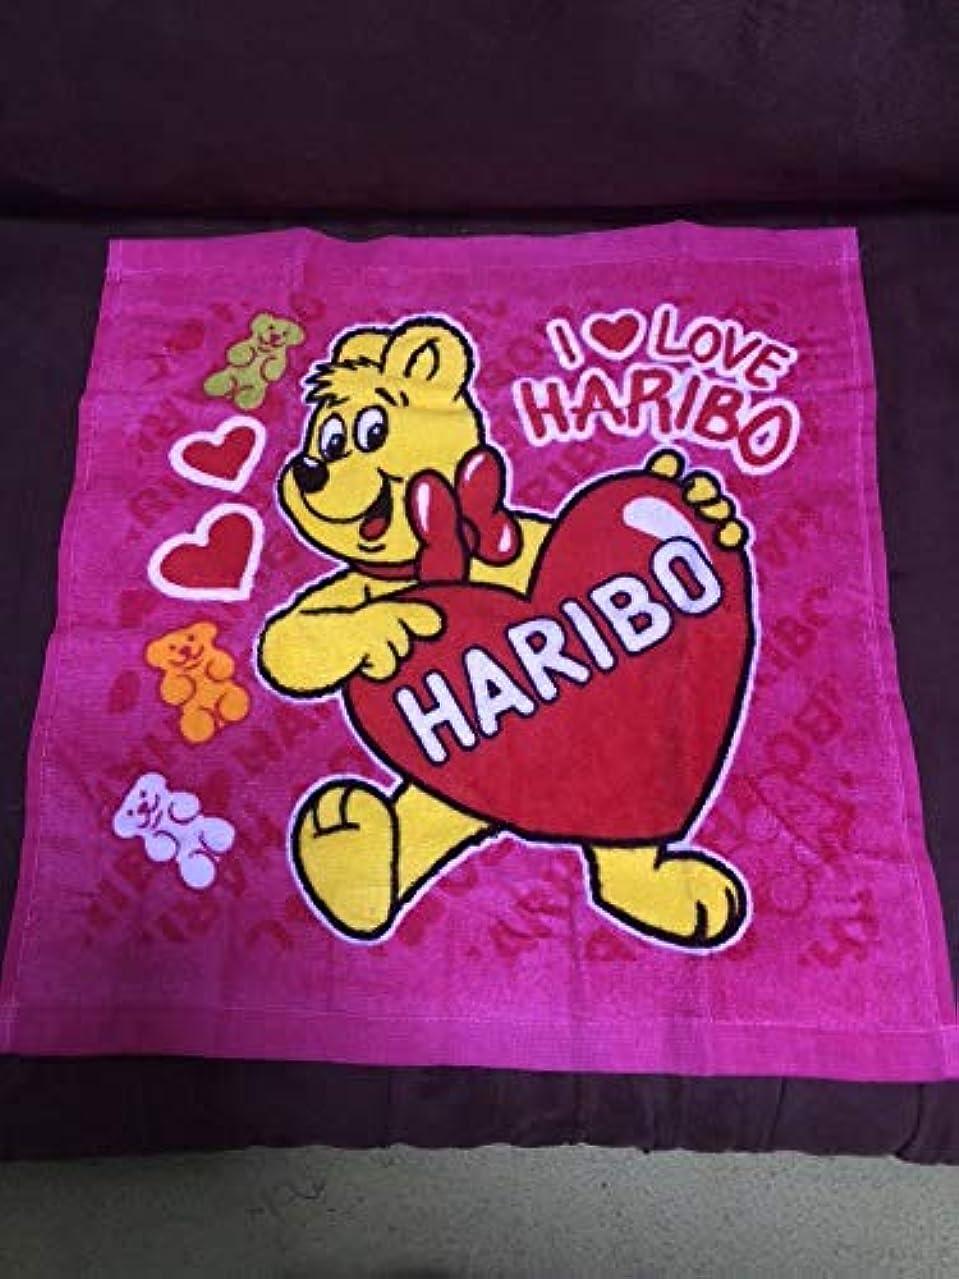 失望させるスカーフ意気揚々ハリボー HARIBO グミ ゴールドベア ハンド タオル 1枚 ピンク